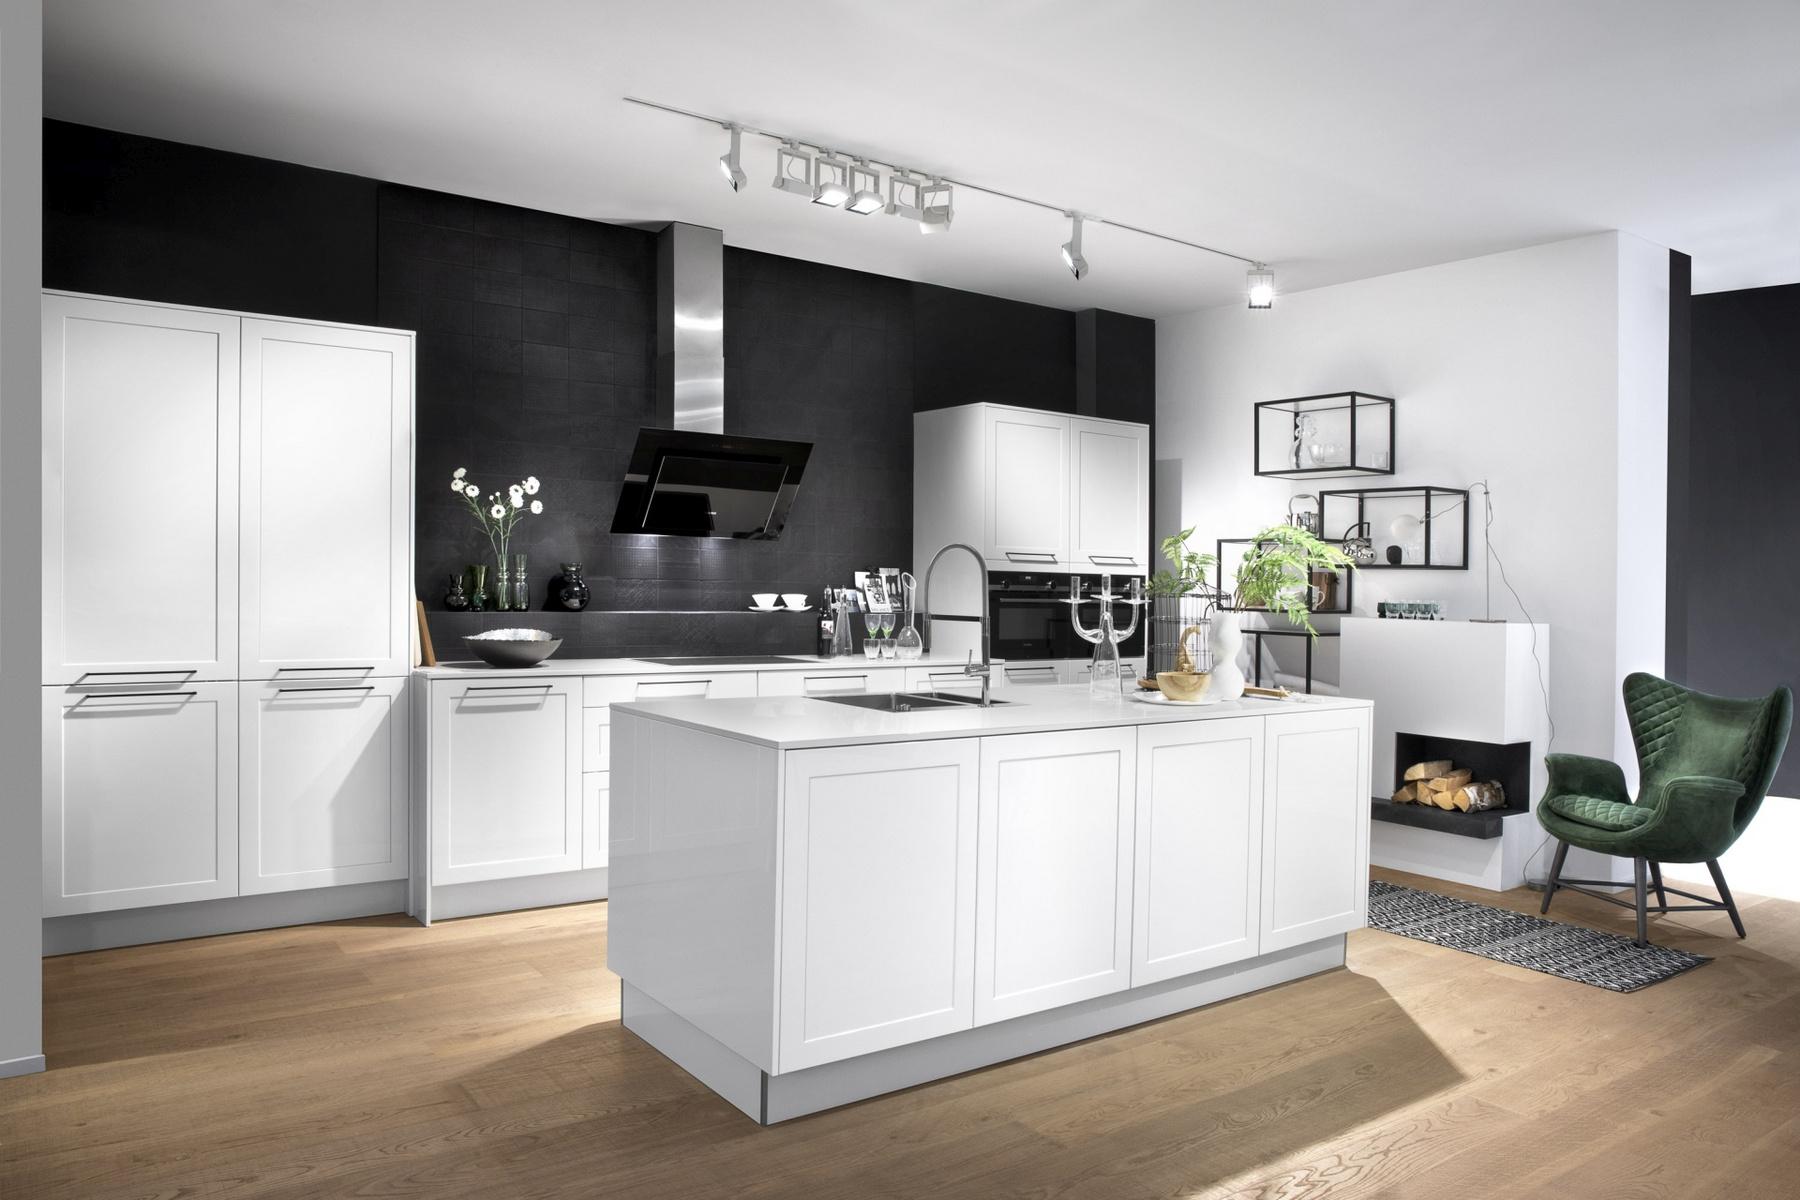 Schorn Einbaukuchen Design Funktion Qualitat